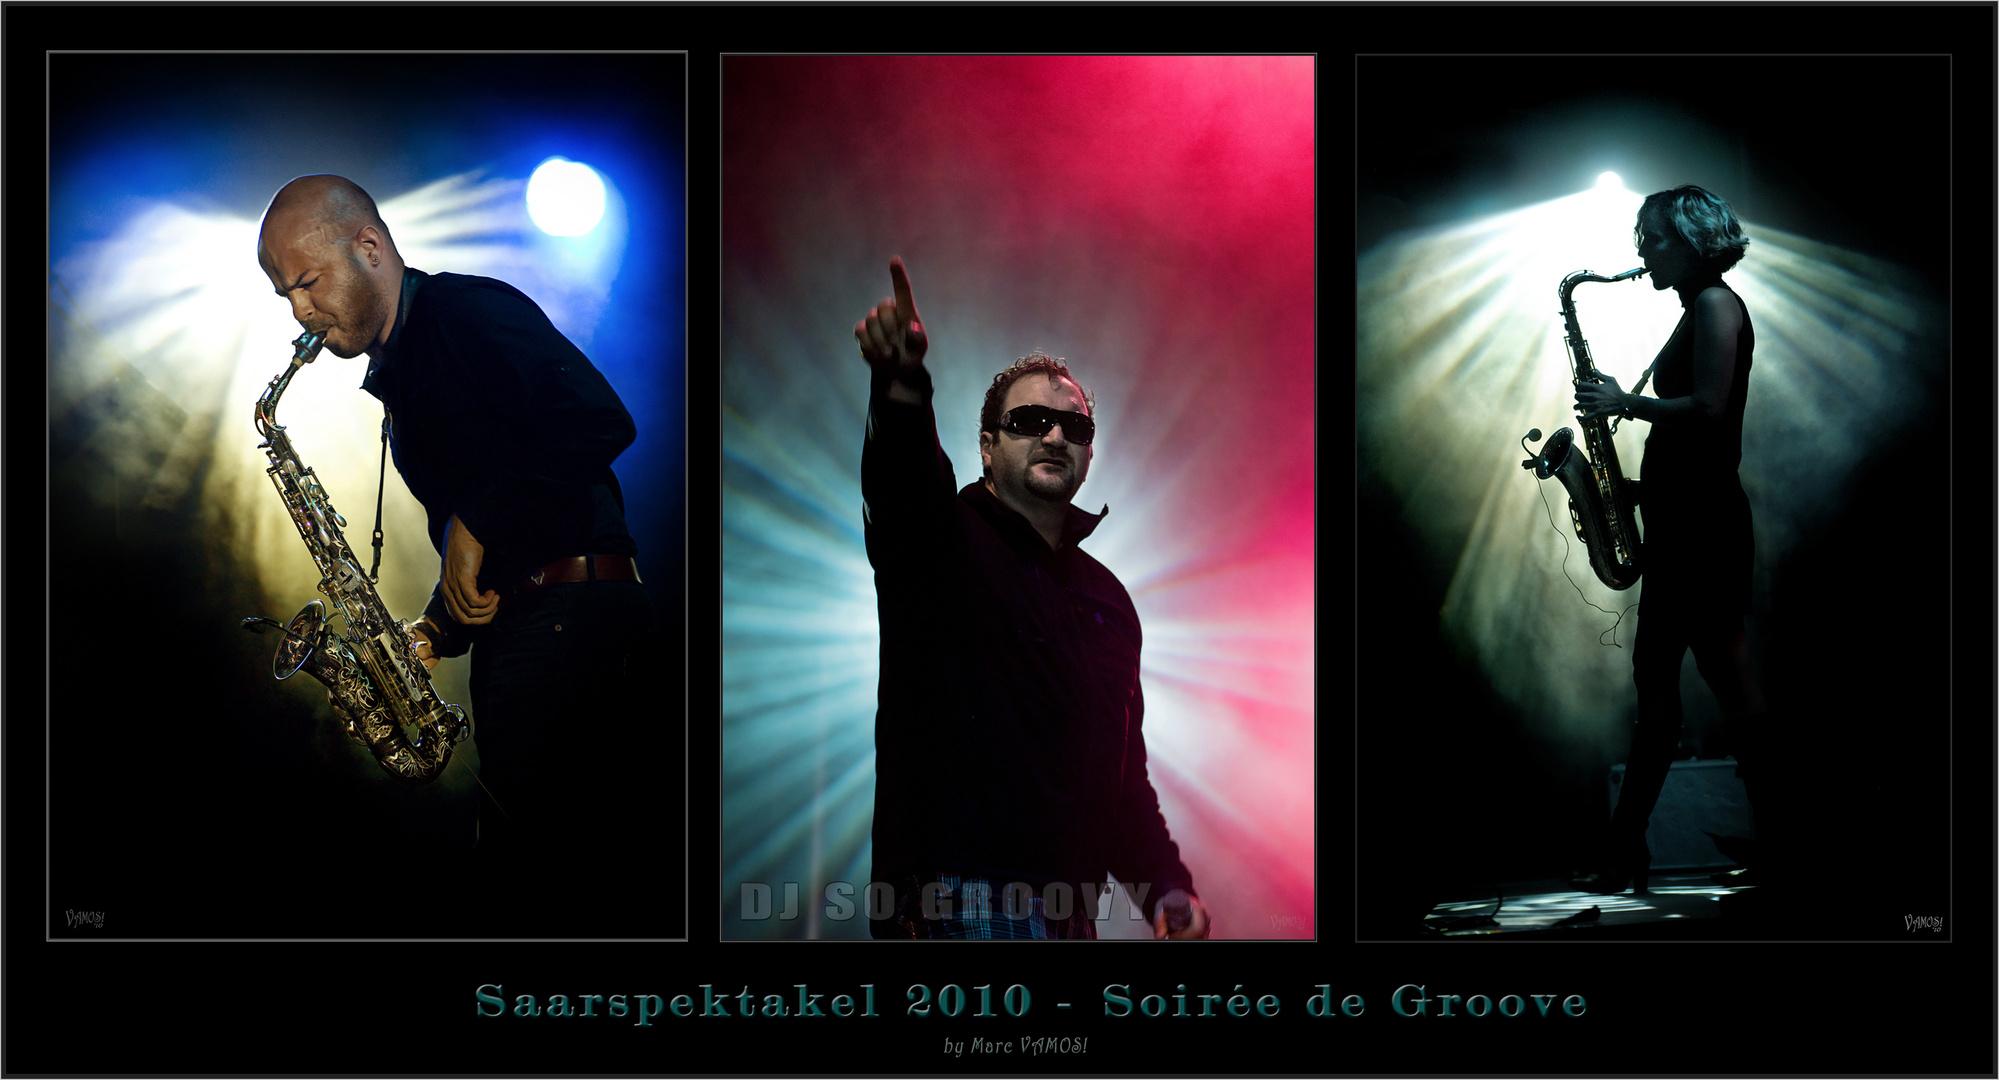 Saarspektakel 2010 - Soirée de Groove